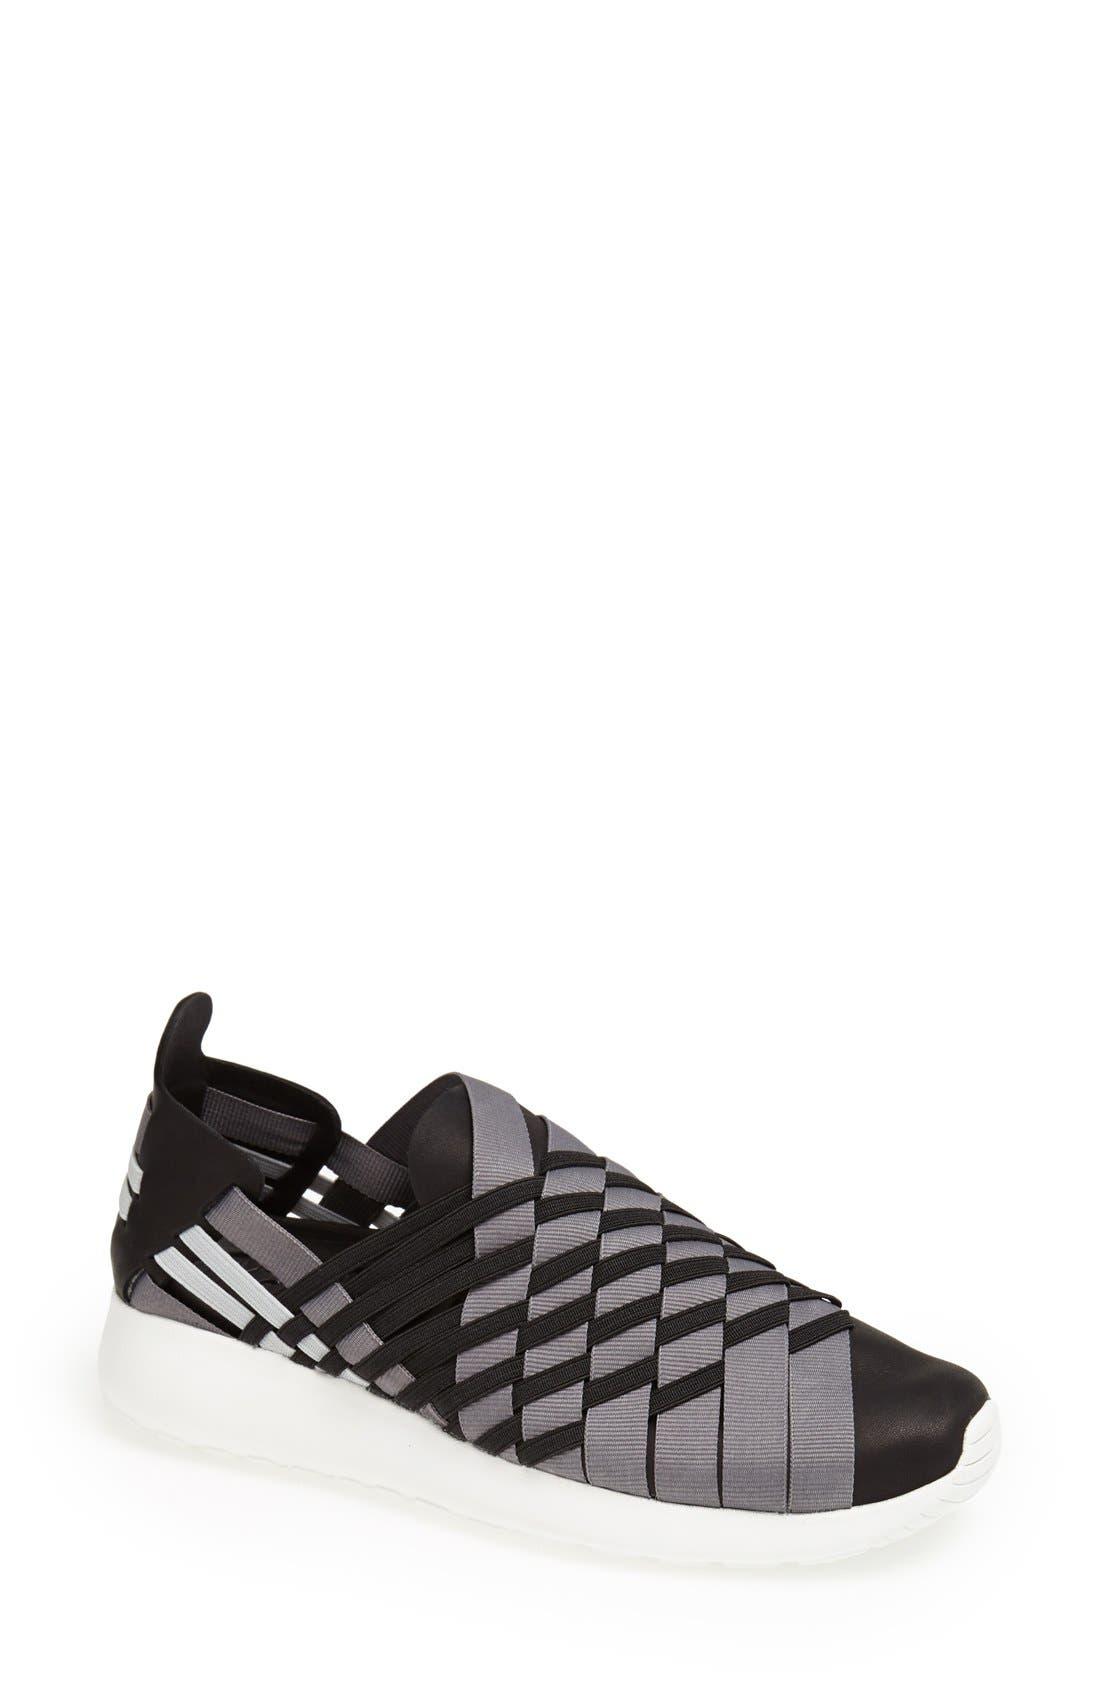 Alternate Image 1 Selected - Nike 'Roshe Run Woven 2.0' Sneaker (Women)